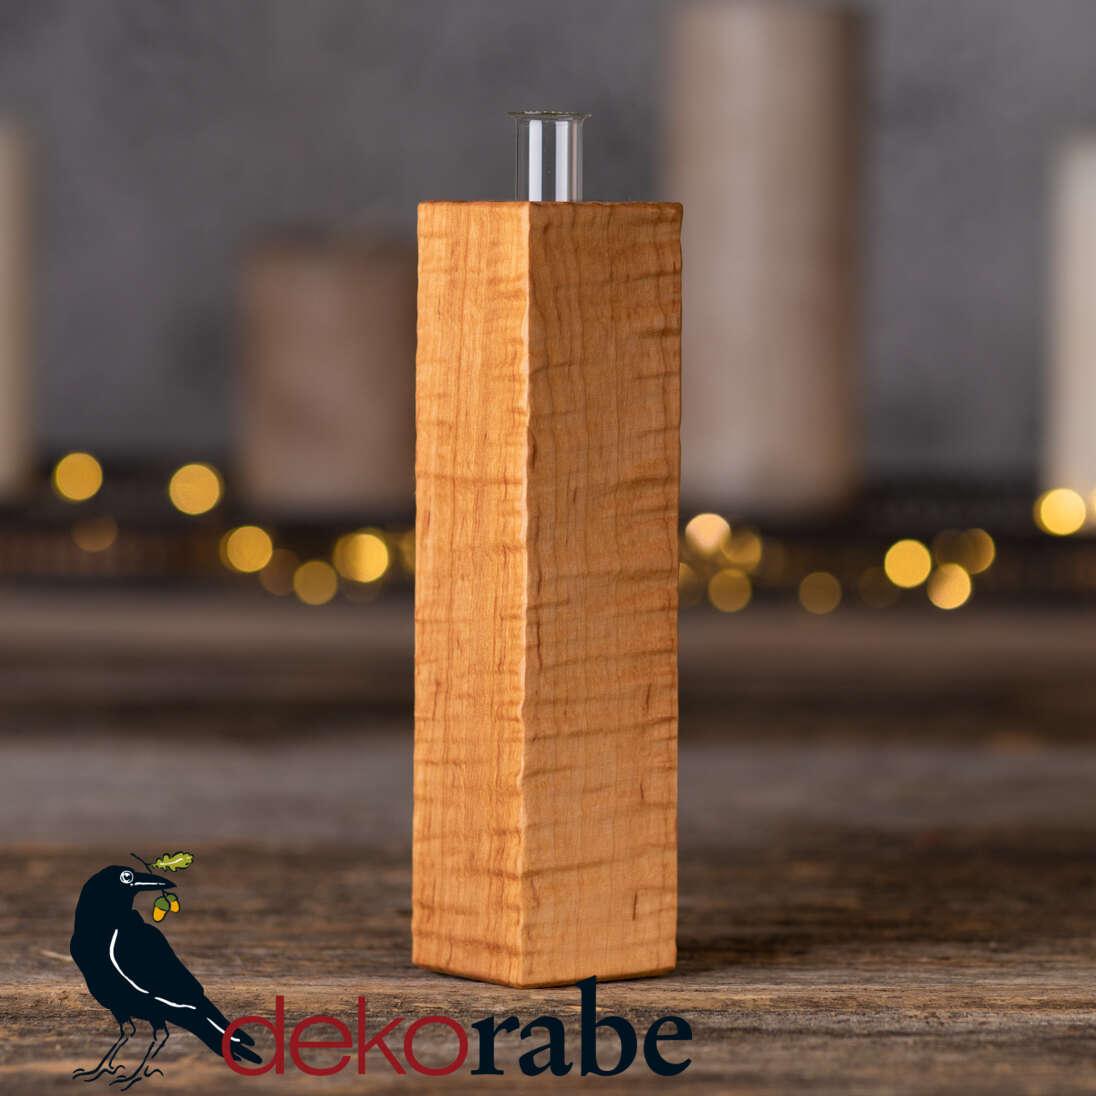 Vase aus gerilltem Holz Erle, 18 cm, inkl. Glas